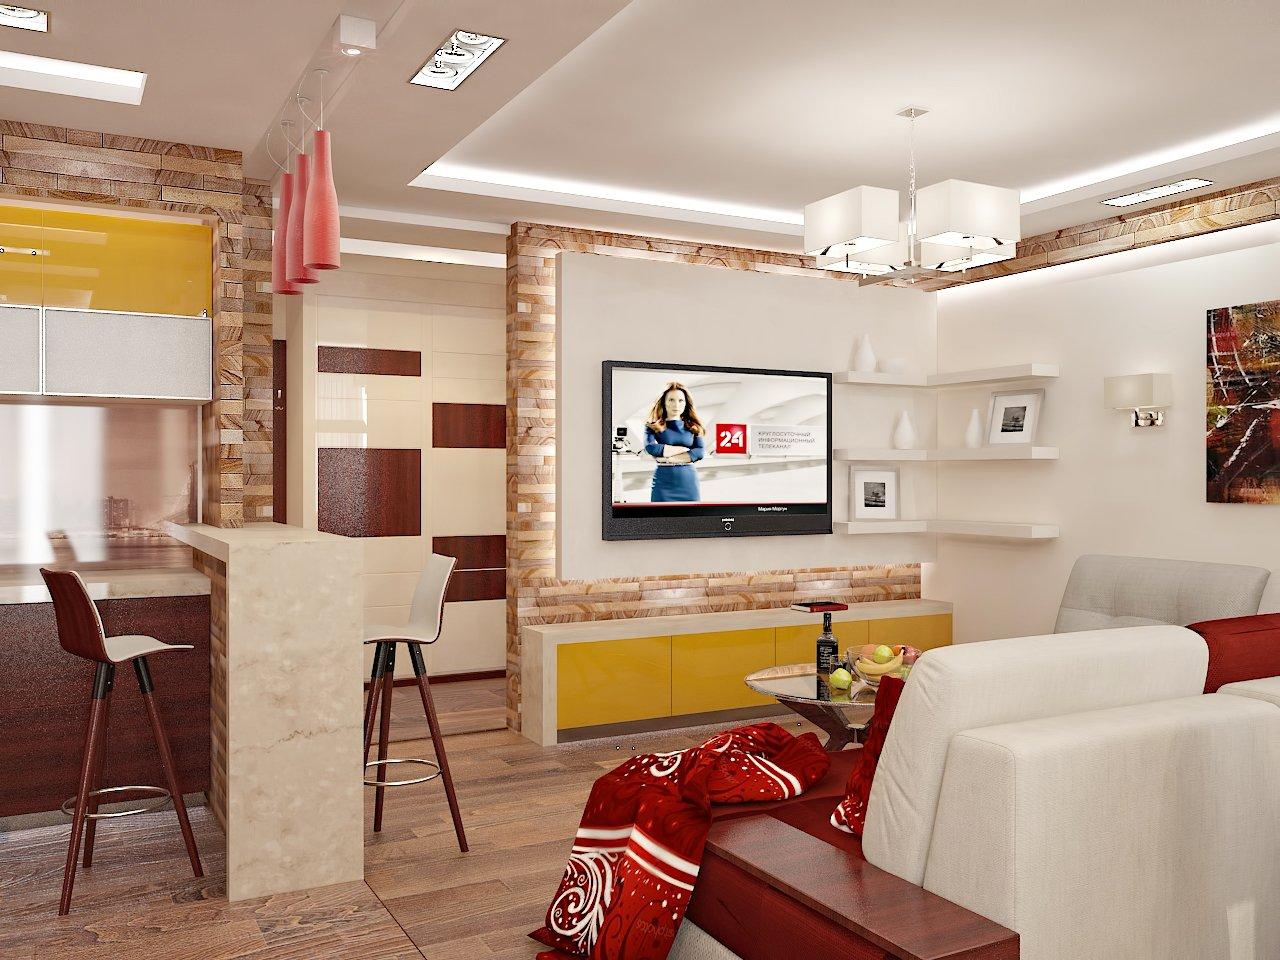 Дизайн кухни в квартире Киев в контрастных цветах